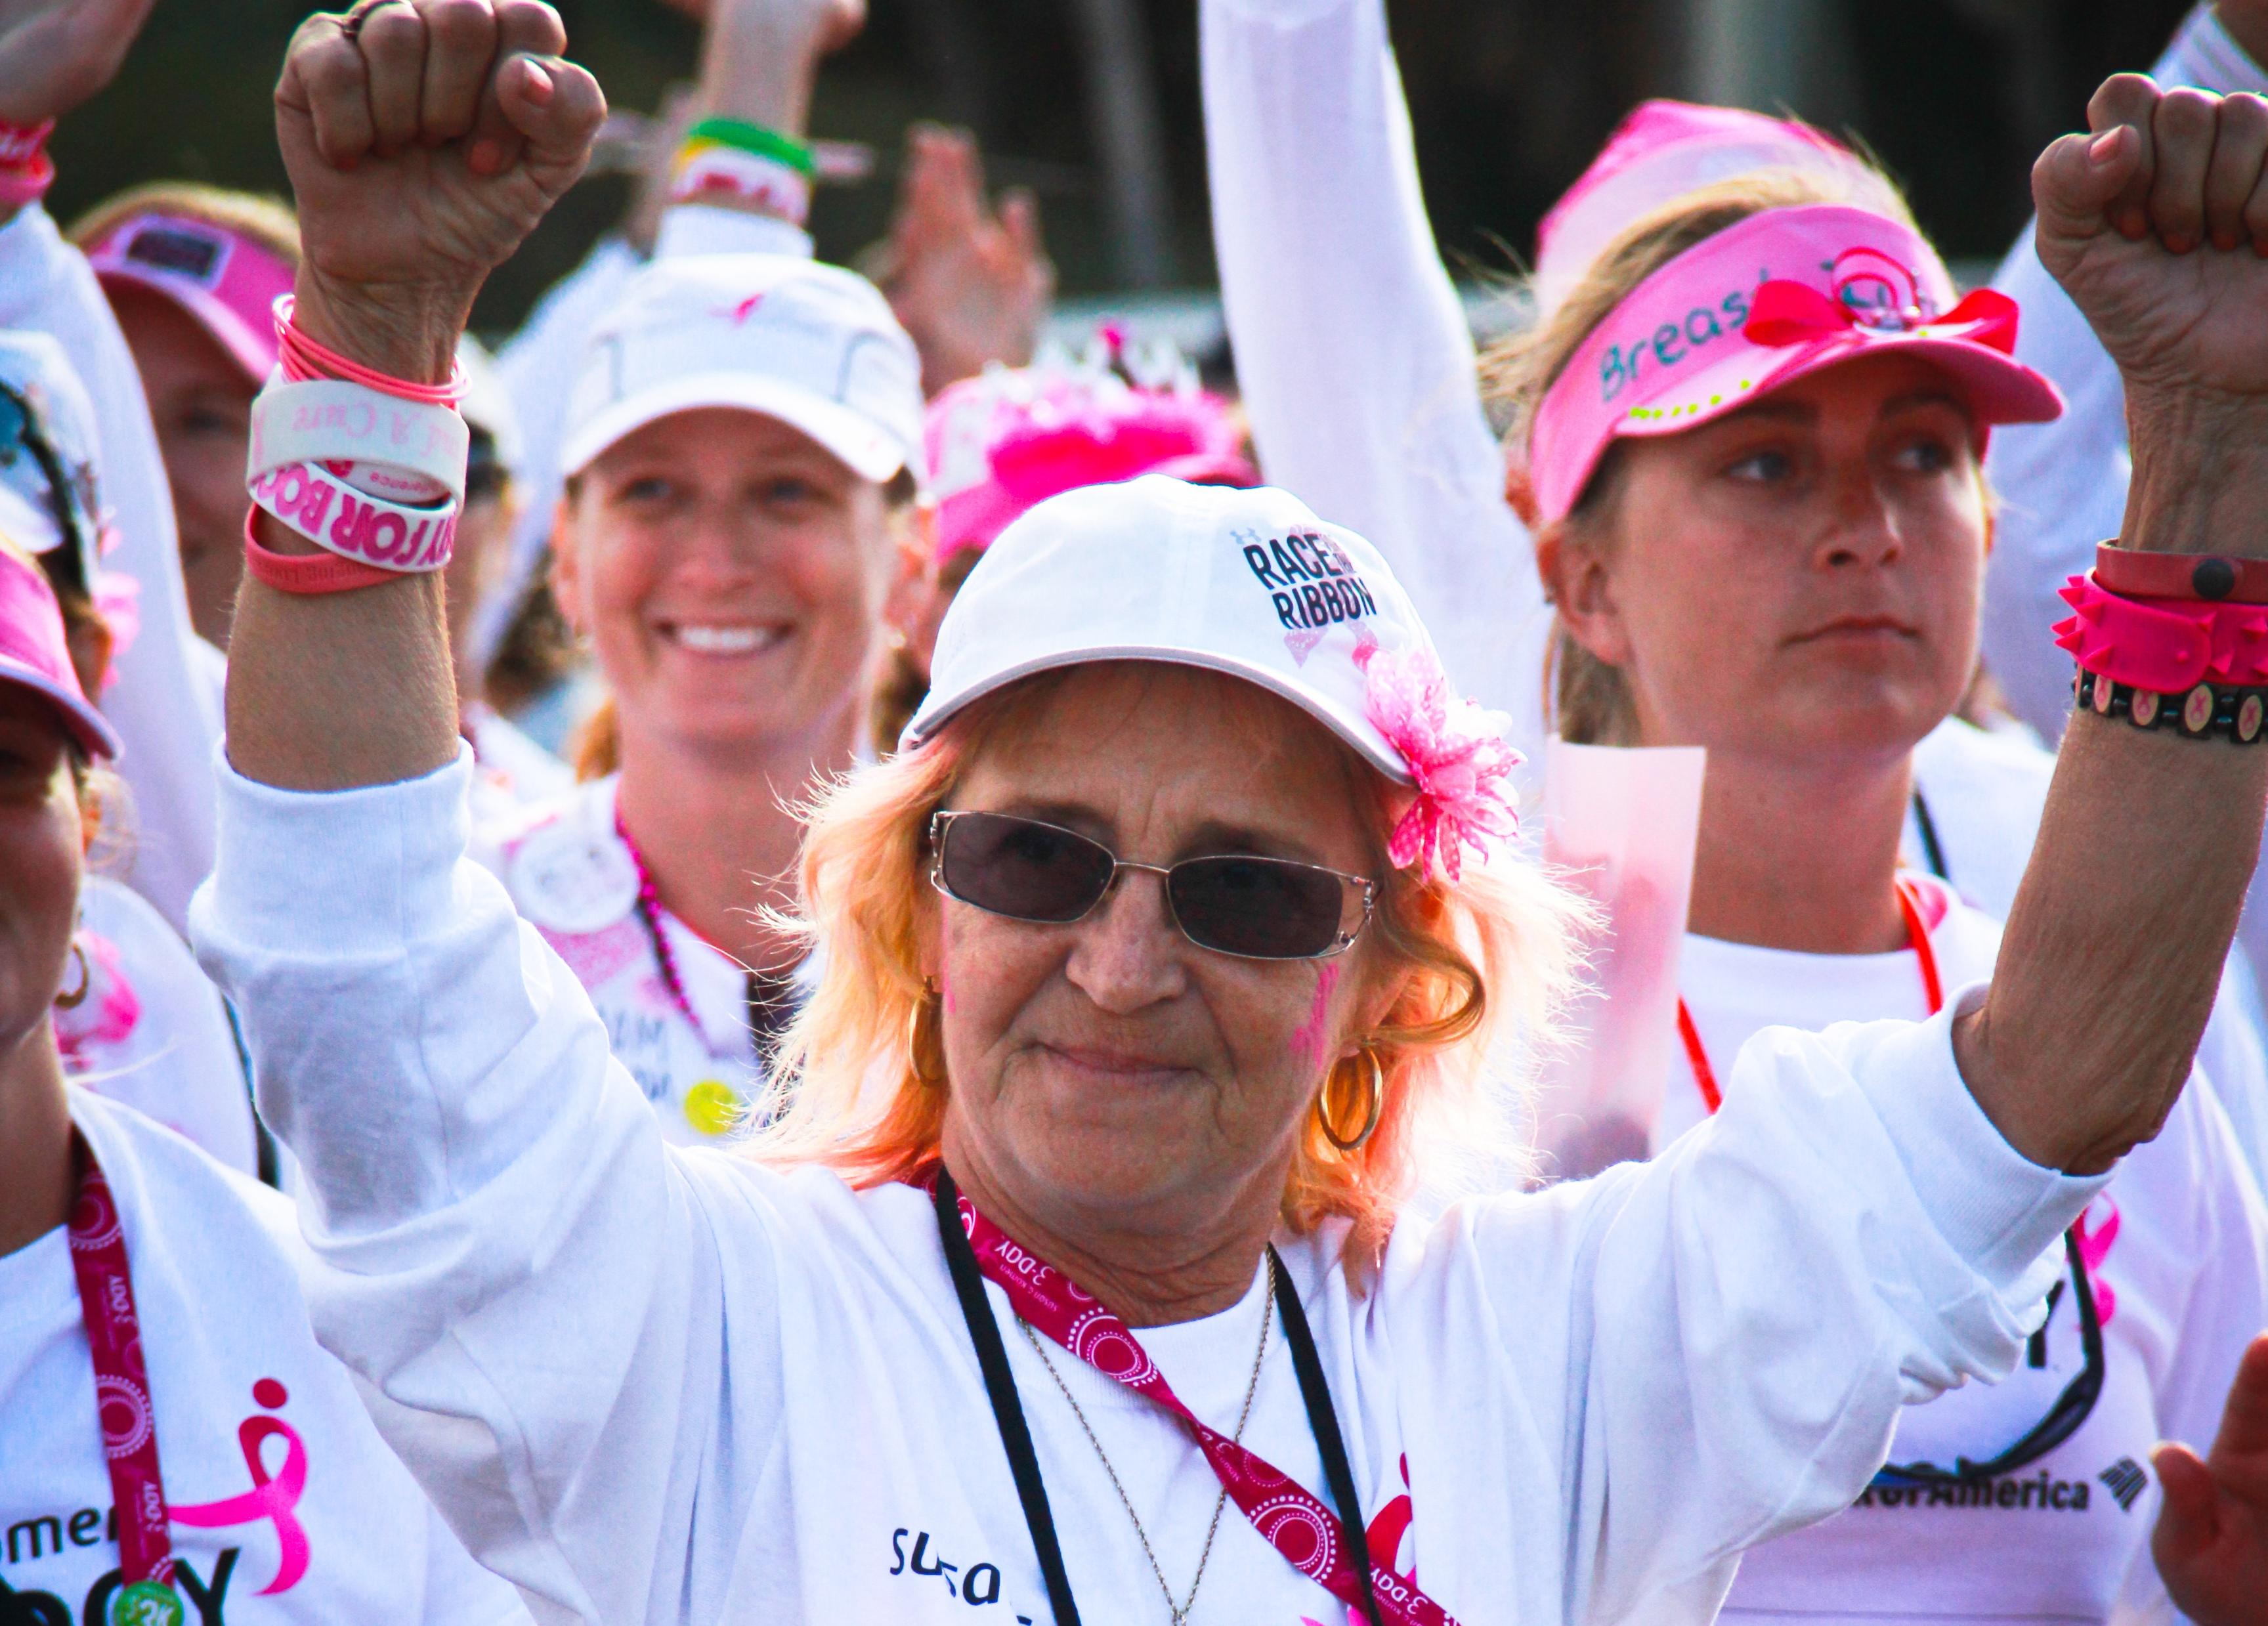 Susan G. Komen 3-Day